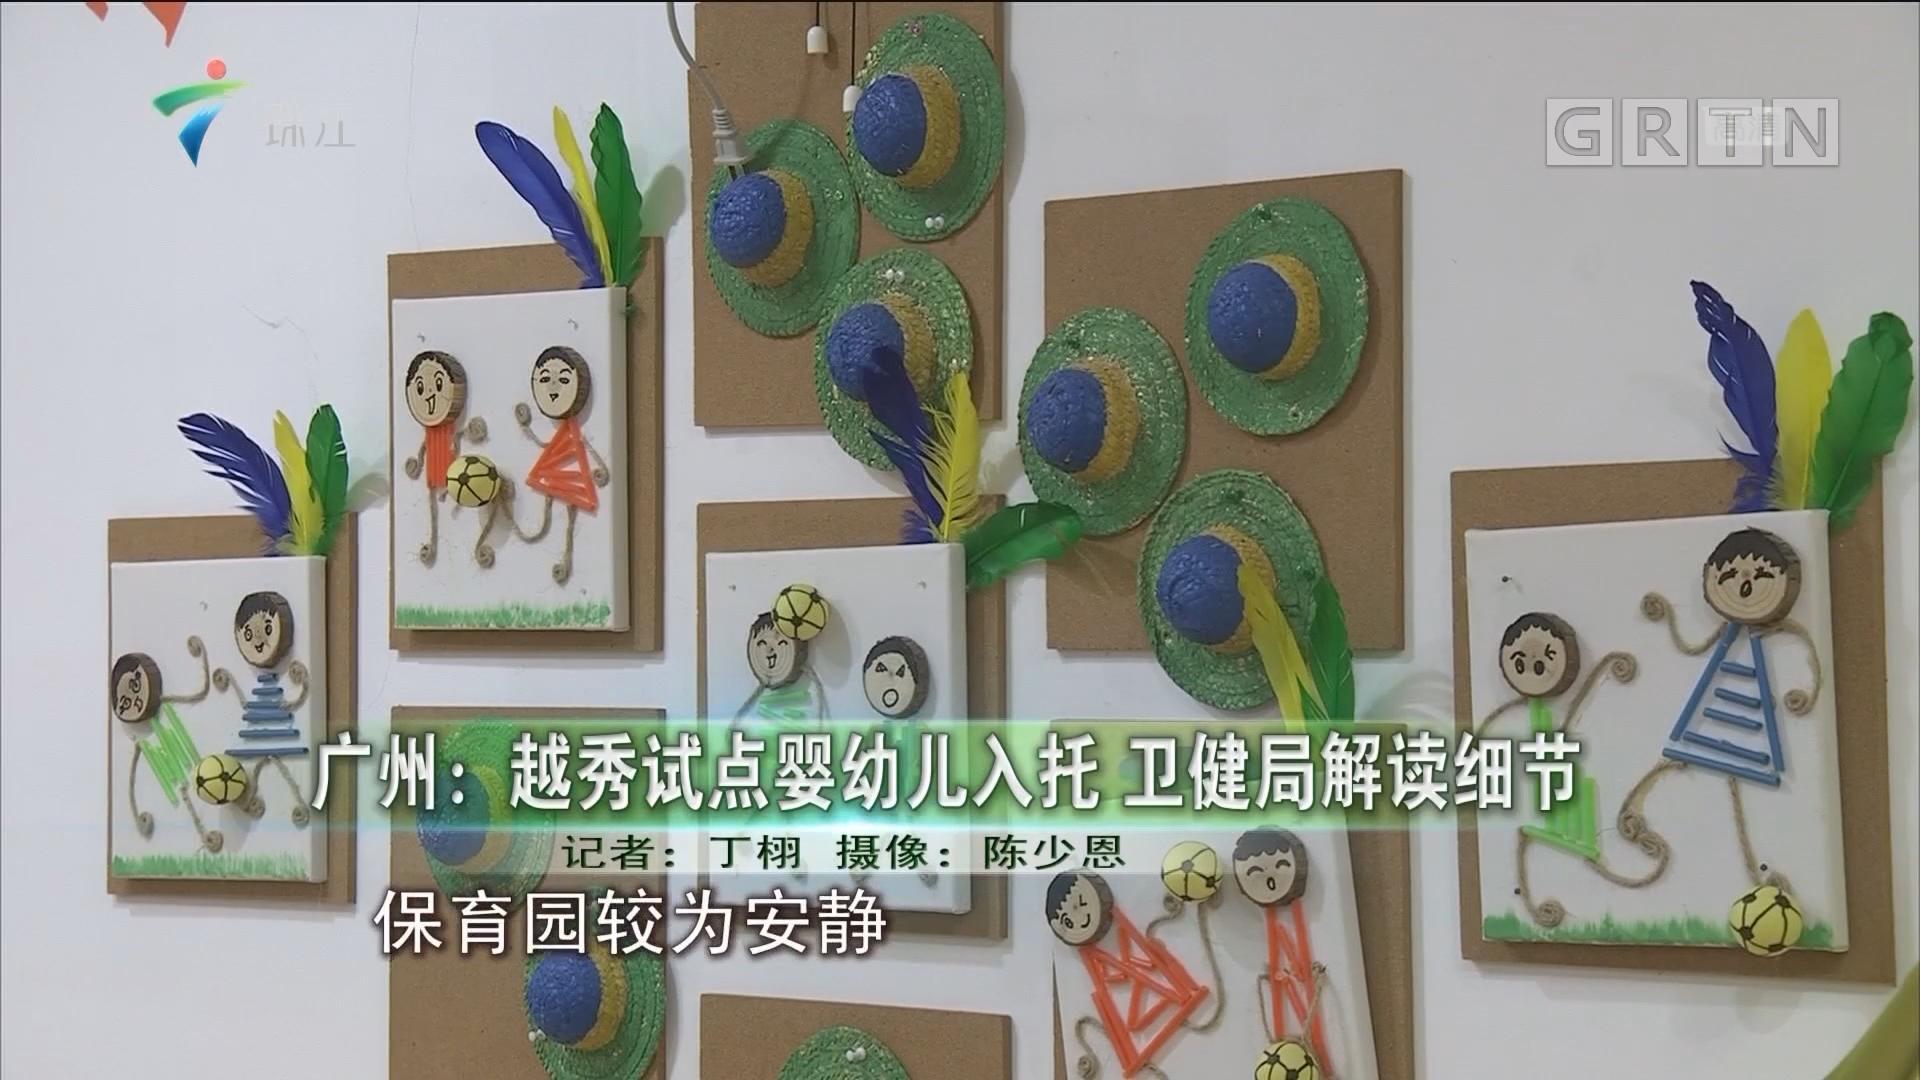 广州:越秀试点婴幼儿入托 卫健局解读细节